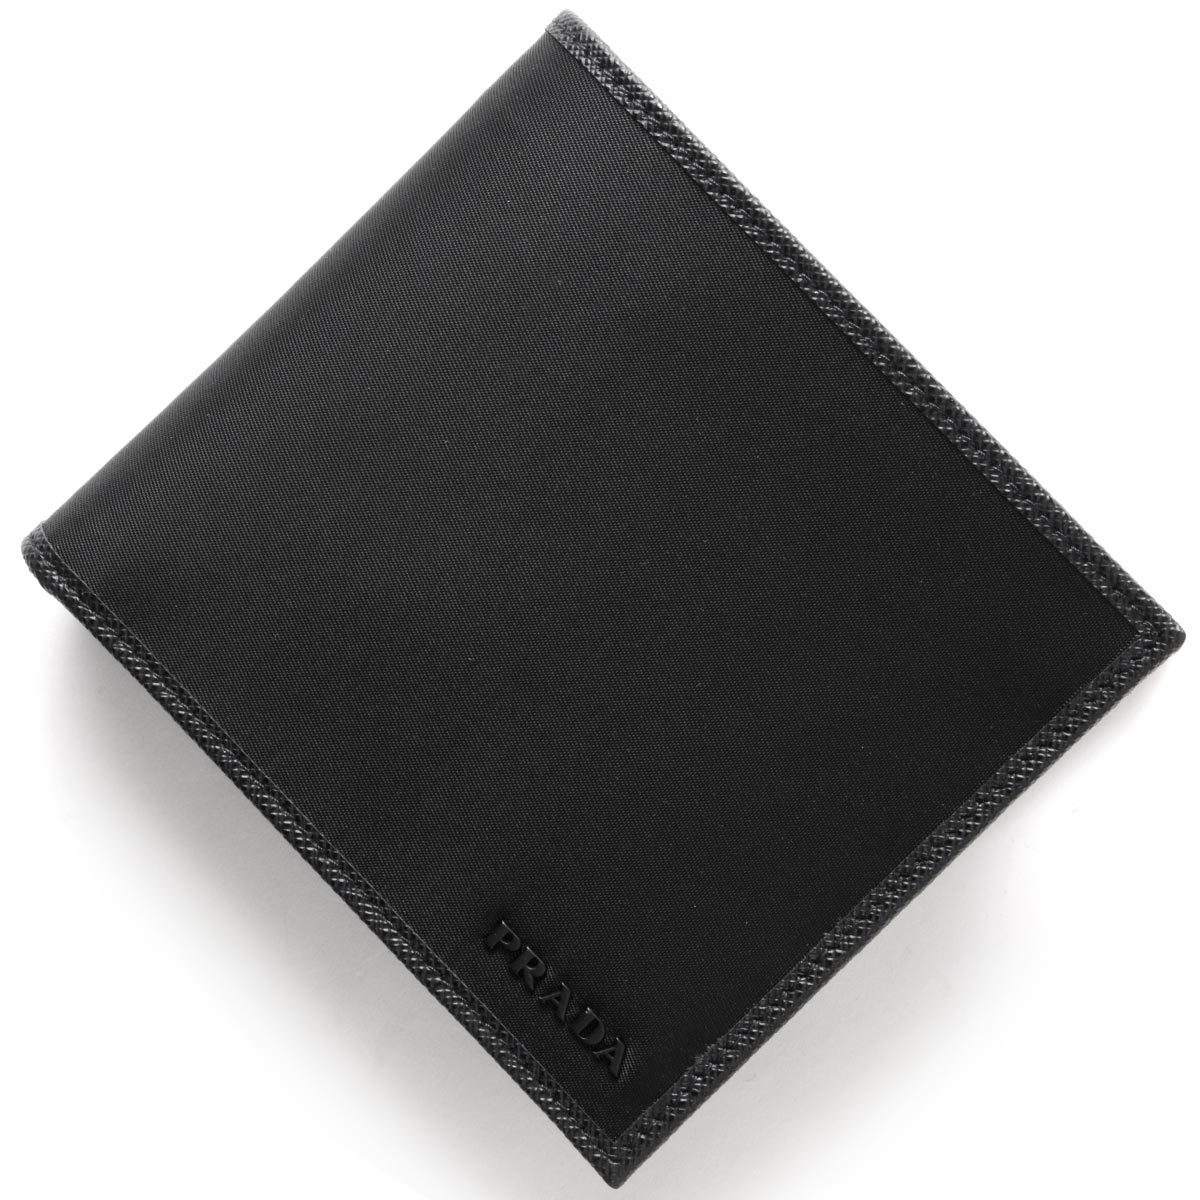 プラダ 二つ折り財布 財布 メンズ SAFFIANO ブラック 2MO738 074 F0002 PRADA